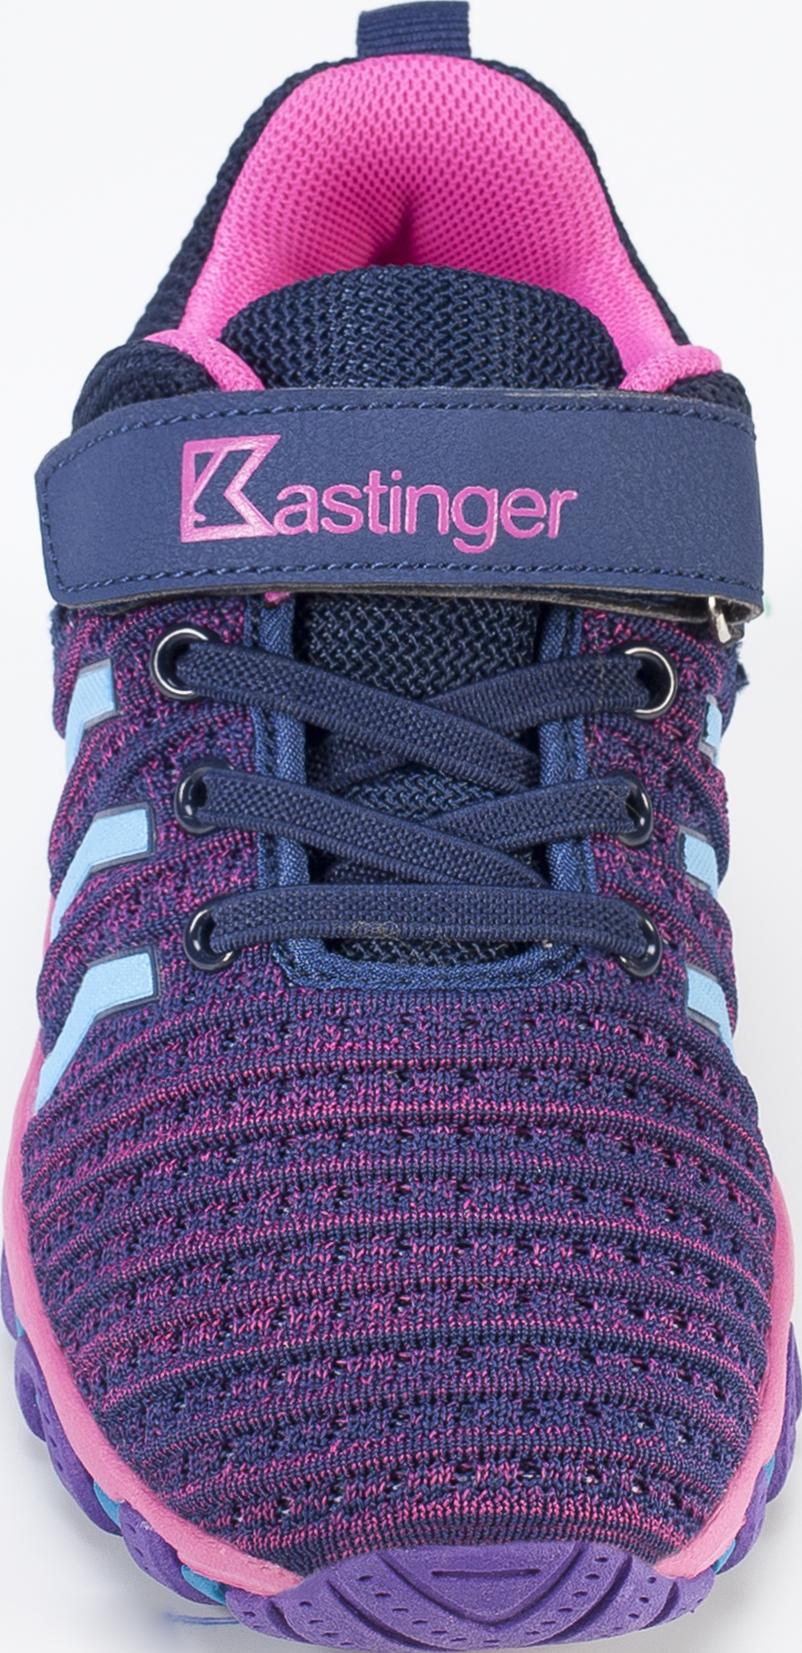 kastinger_22520-454_Colouer_vorne